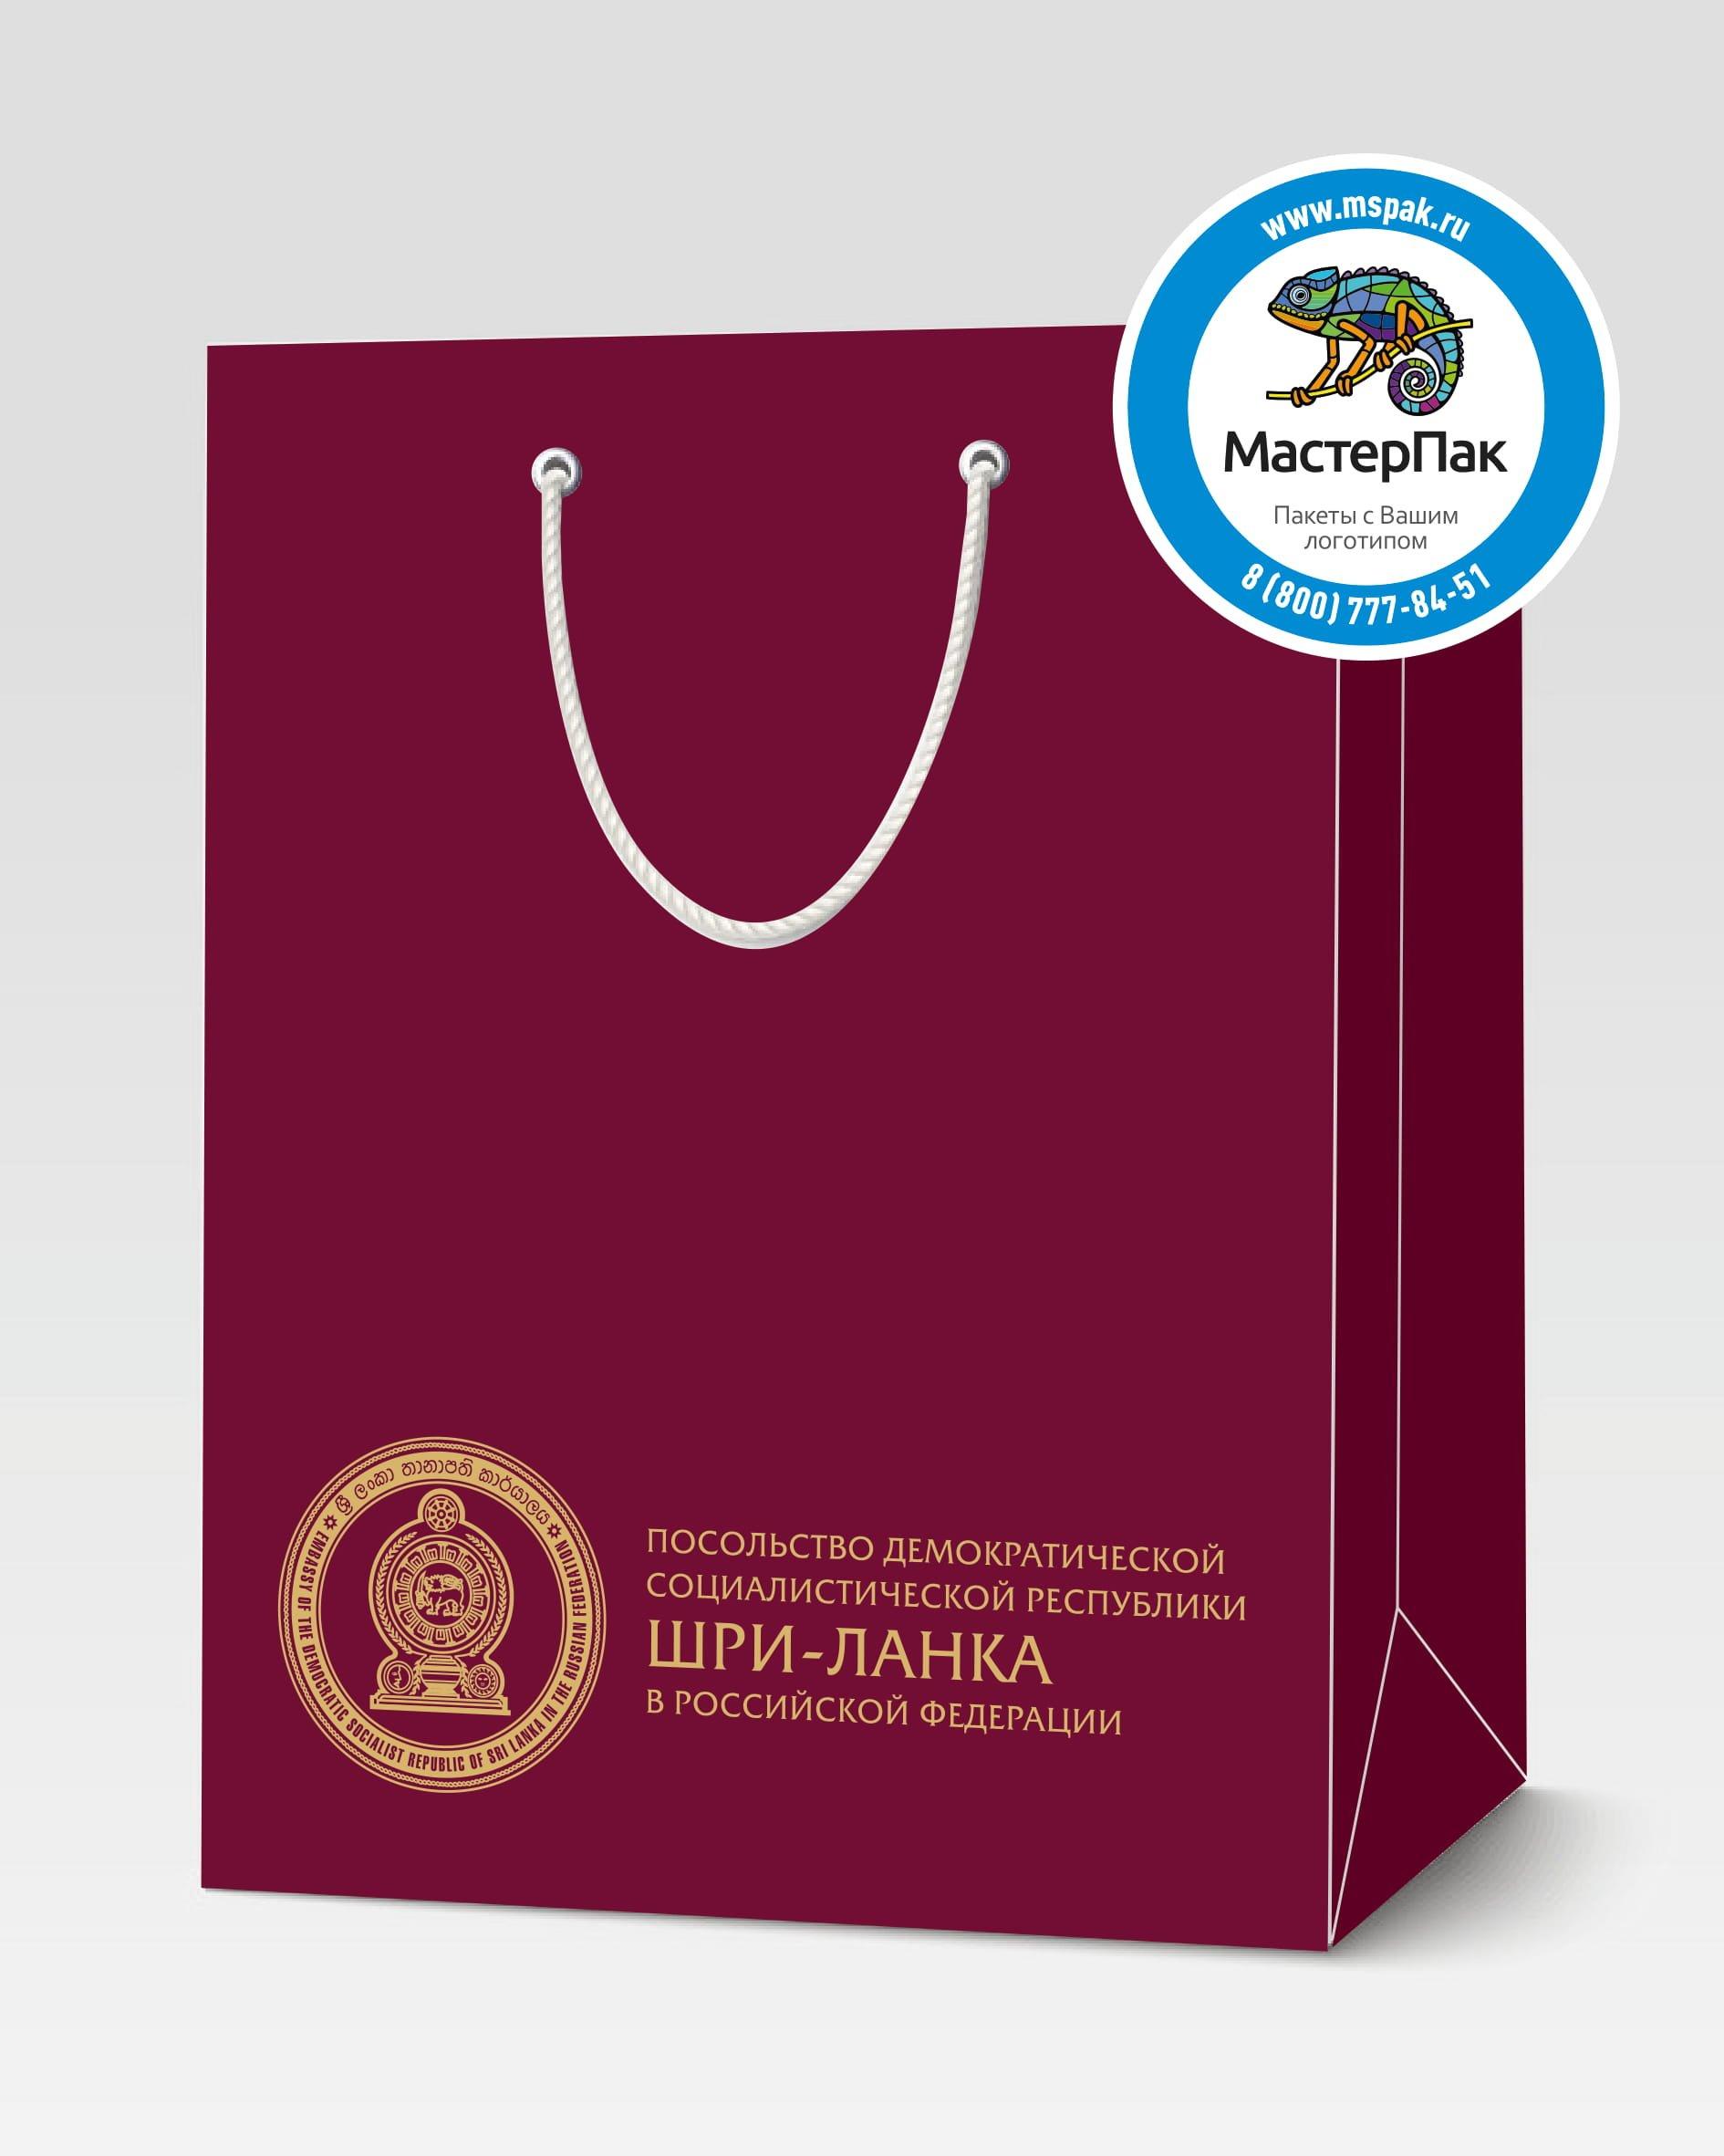 Пакет подарочный, бумажный с логотипом Шри-Ланка, Москва, 30*40, люверсы